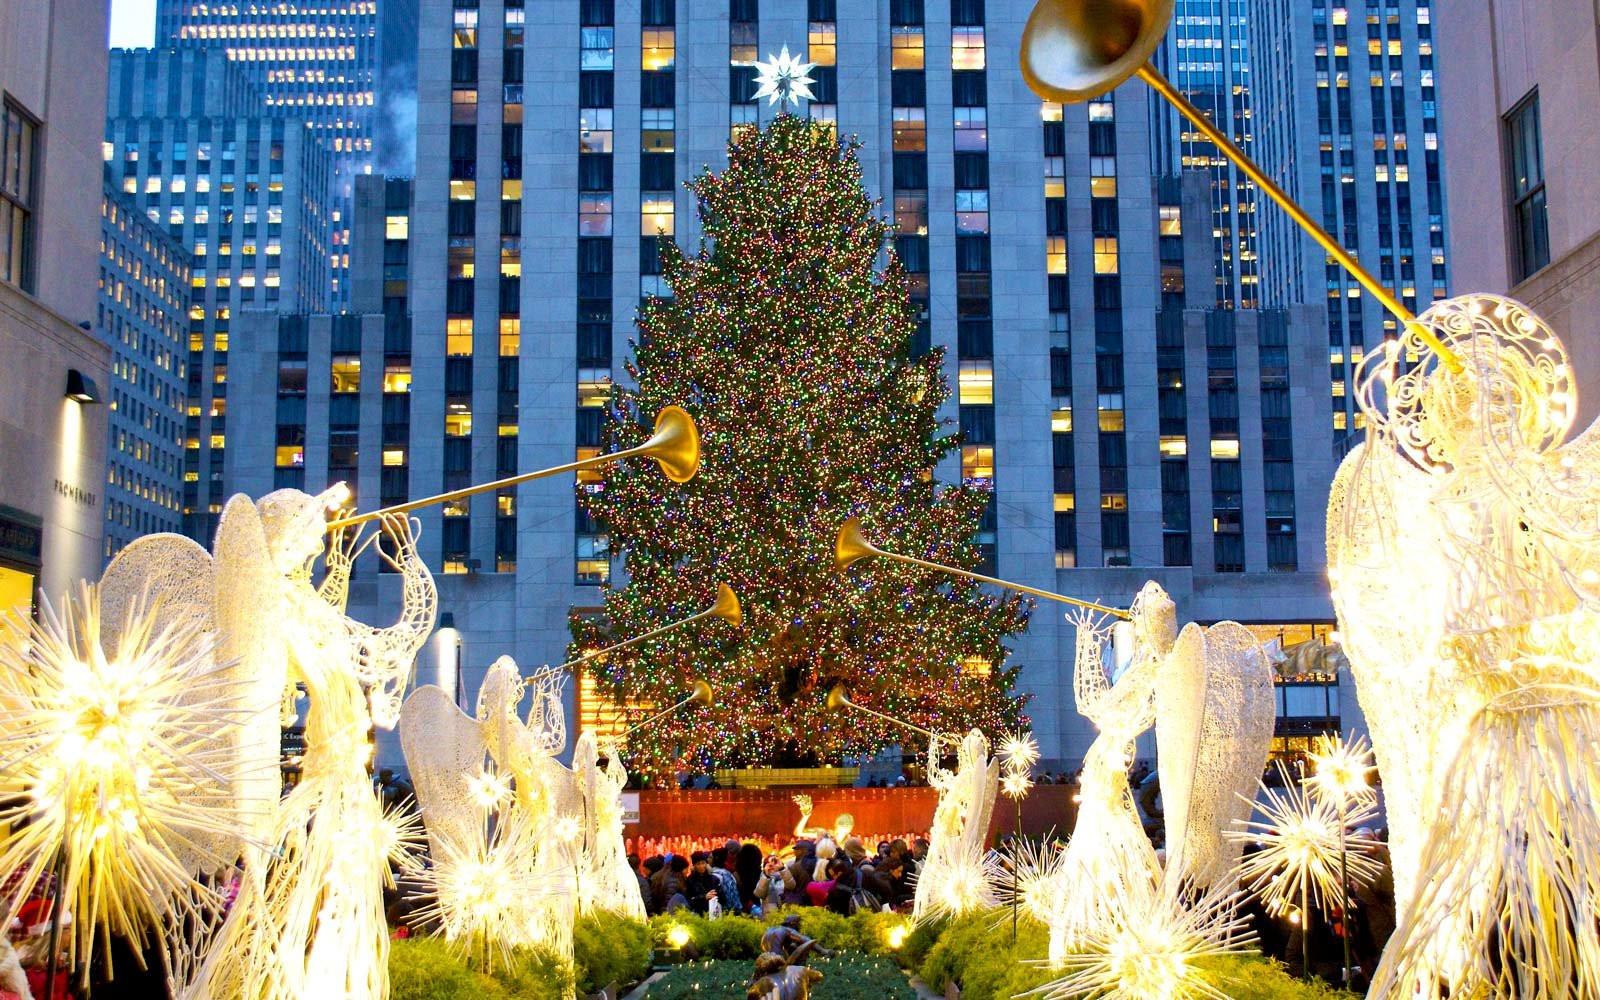 Christmas Tree Lighting Chicago 2019  Rockefeller Center Announces Date of Christmas Tree